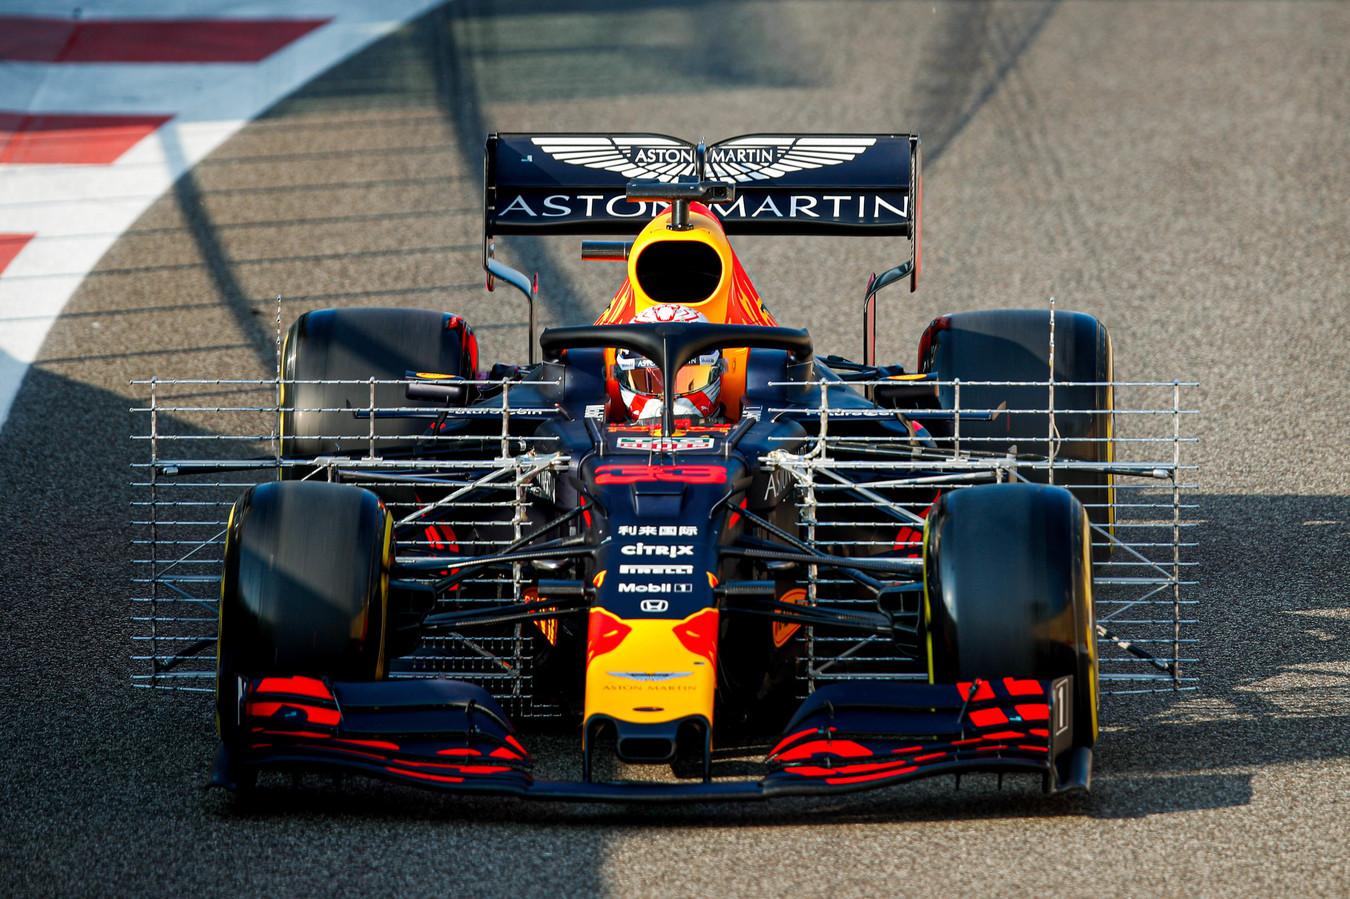 De F1-bolide van Max Verstappen.